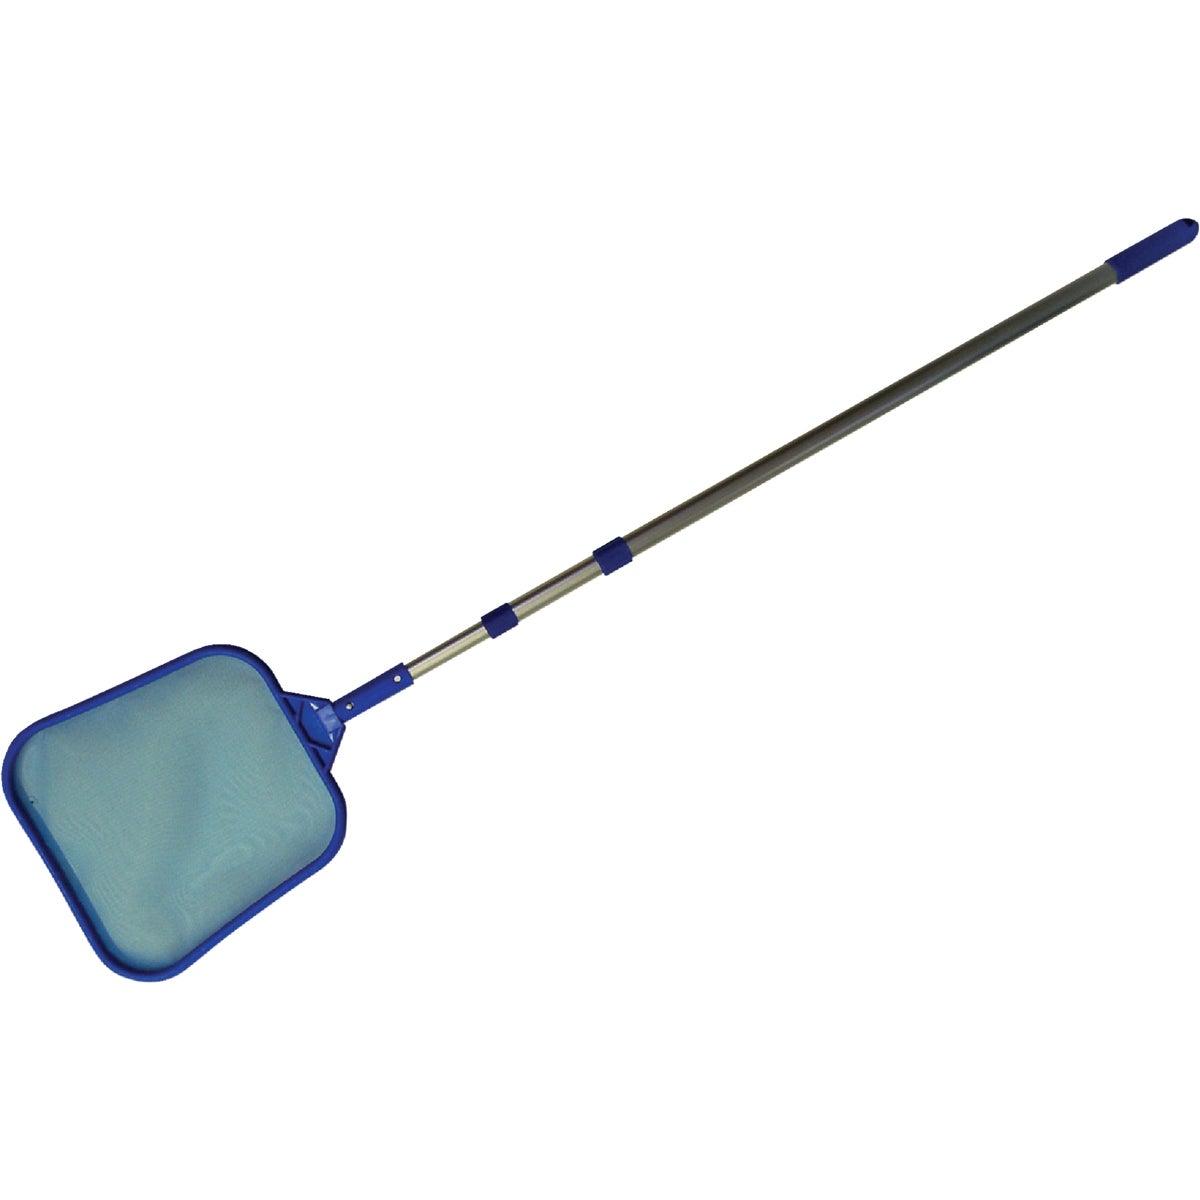 JED Pool Tools SKIMMER & 8' TELE POLE 40-355